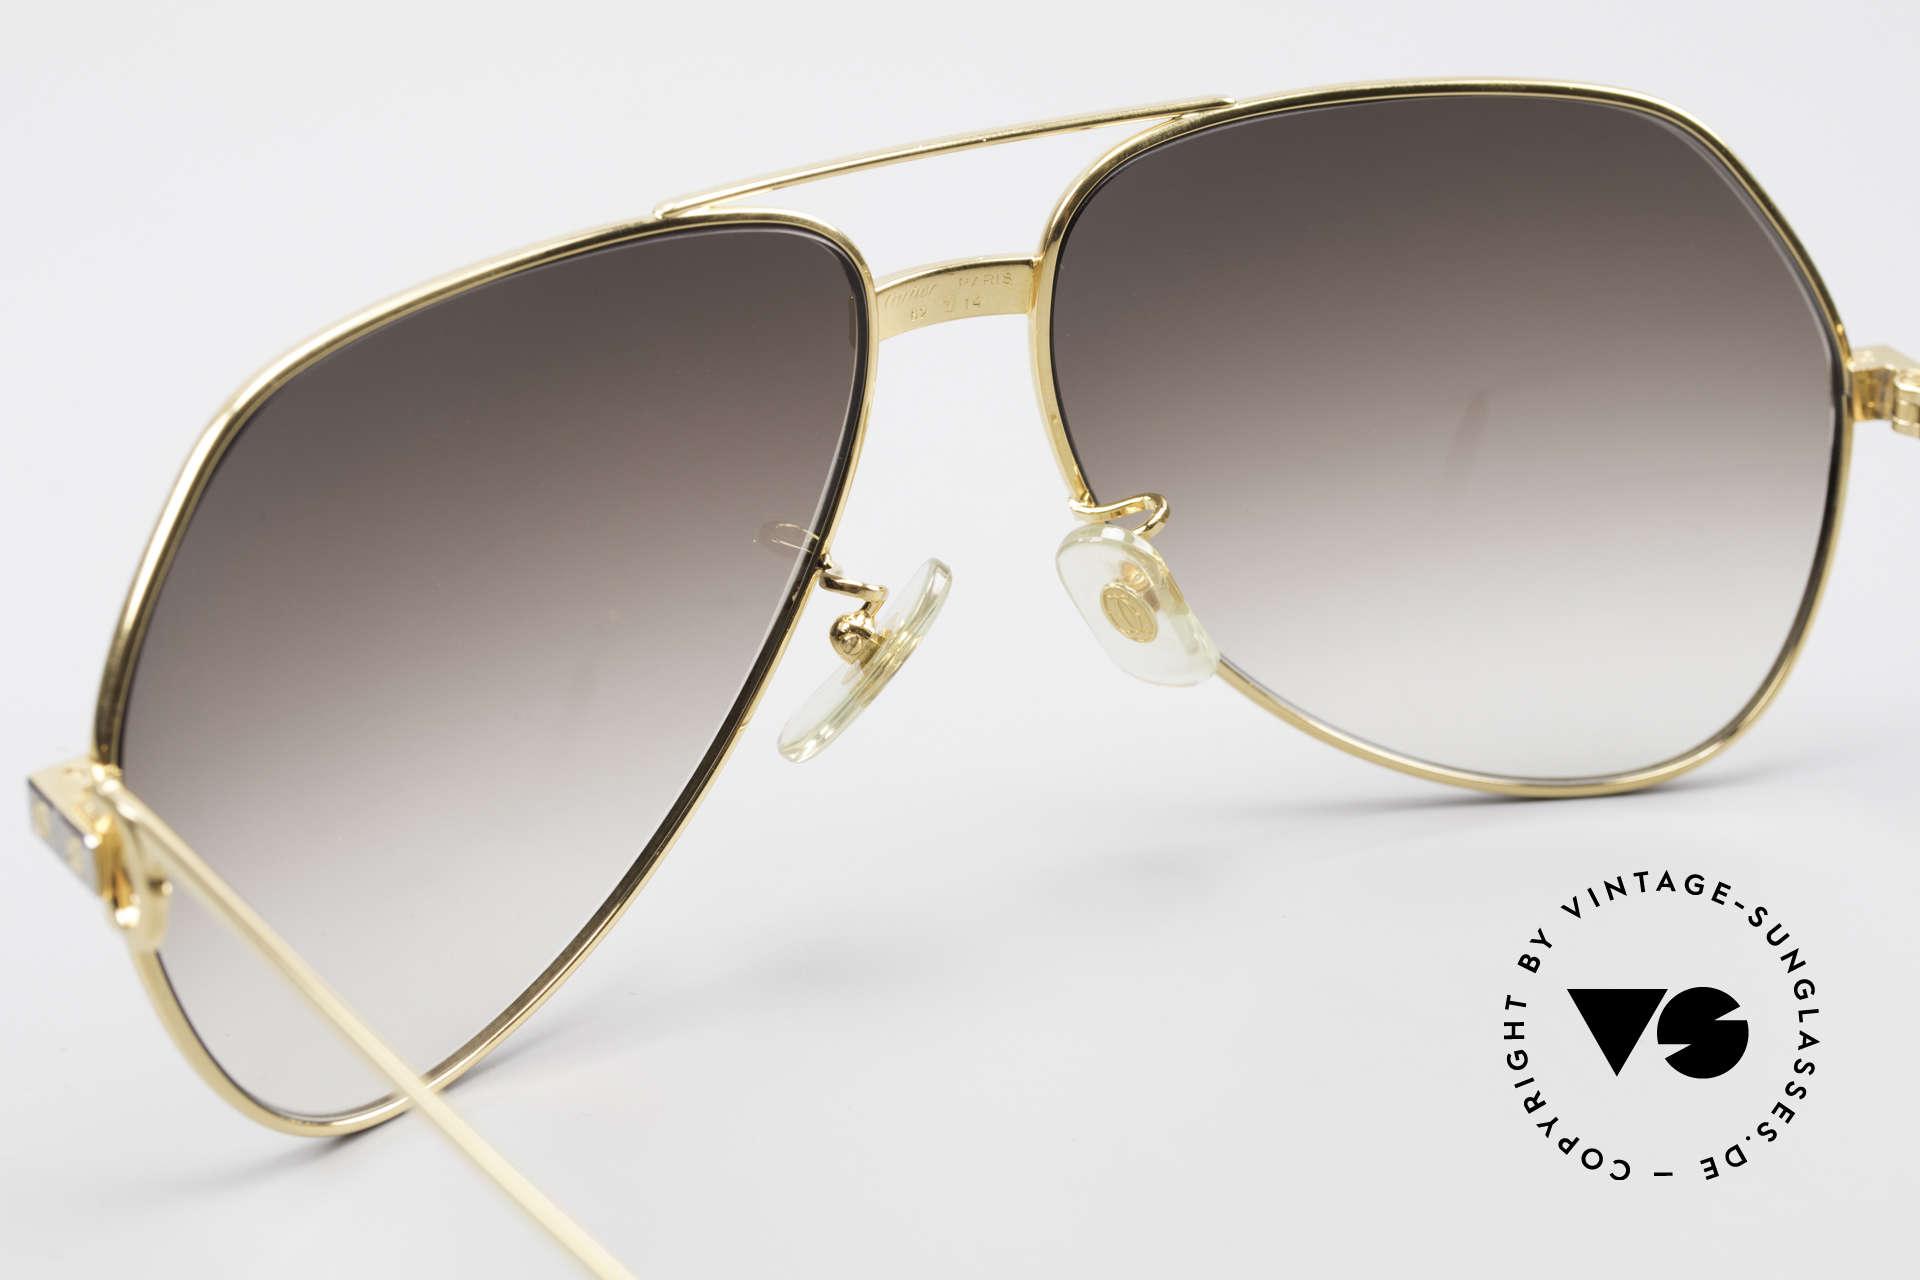 Cartier Vendome Santos - L Luxus Aviator Vintage Brille, '85 getragen v. Christopher Walken als BOND-Bösewicht, Passend für Herren